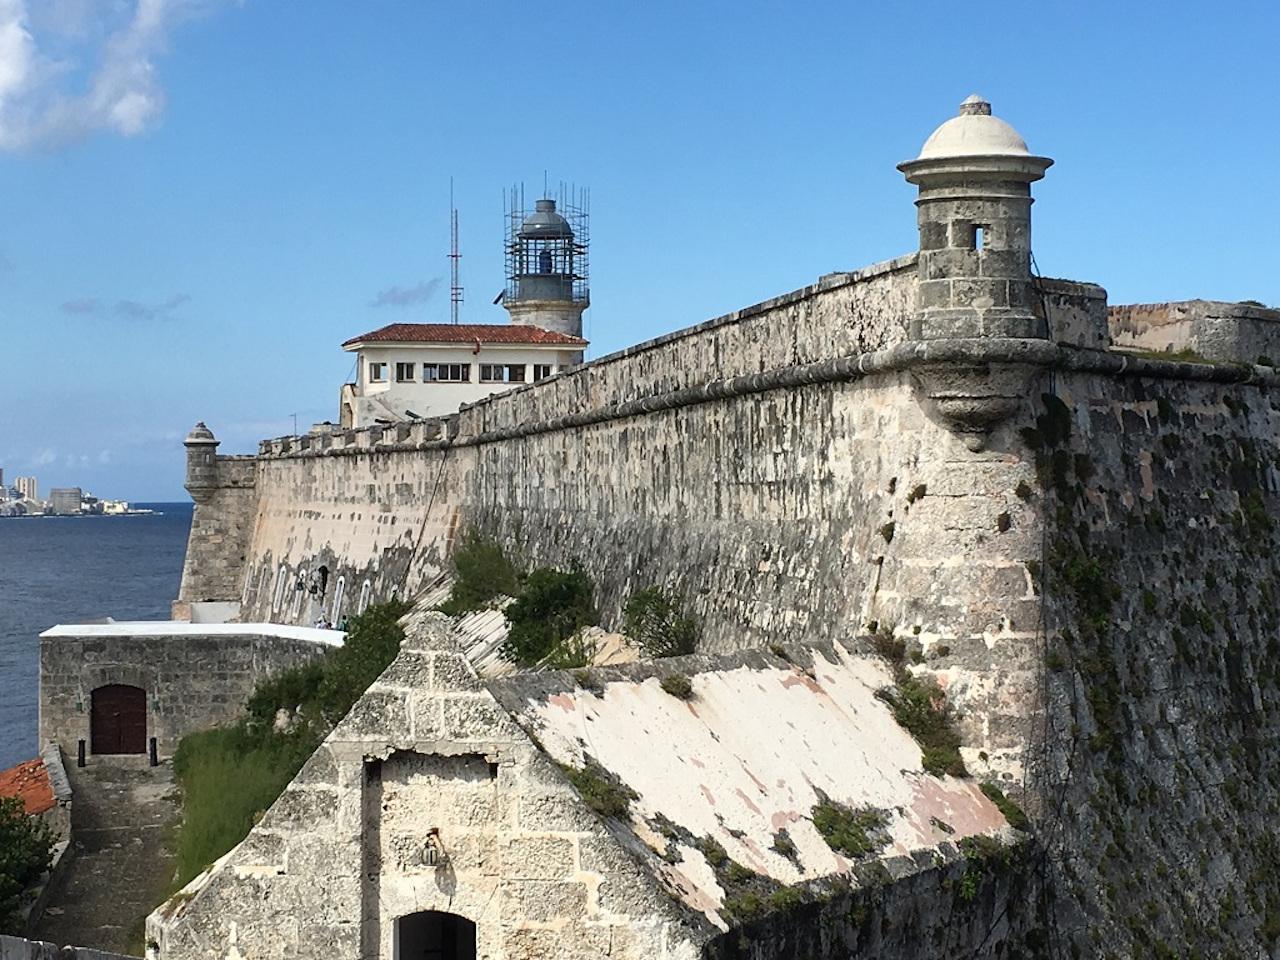 Гаванский колониальный форт. Лучшие достопримечательности Гаваны, чтобы включить в свой маршрут Гаваны